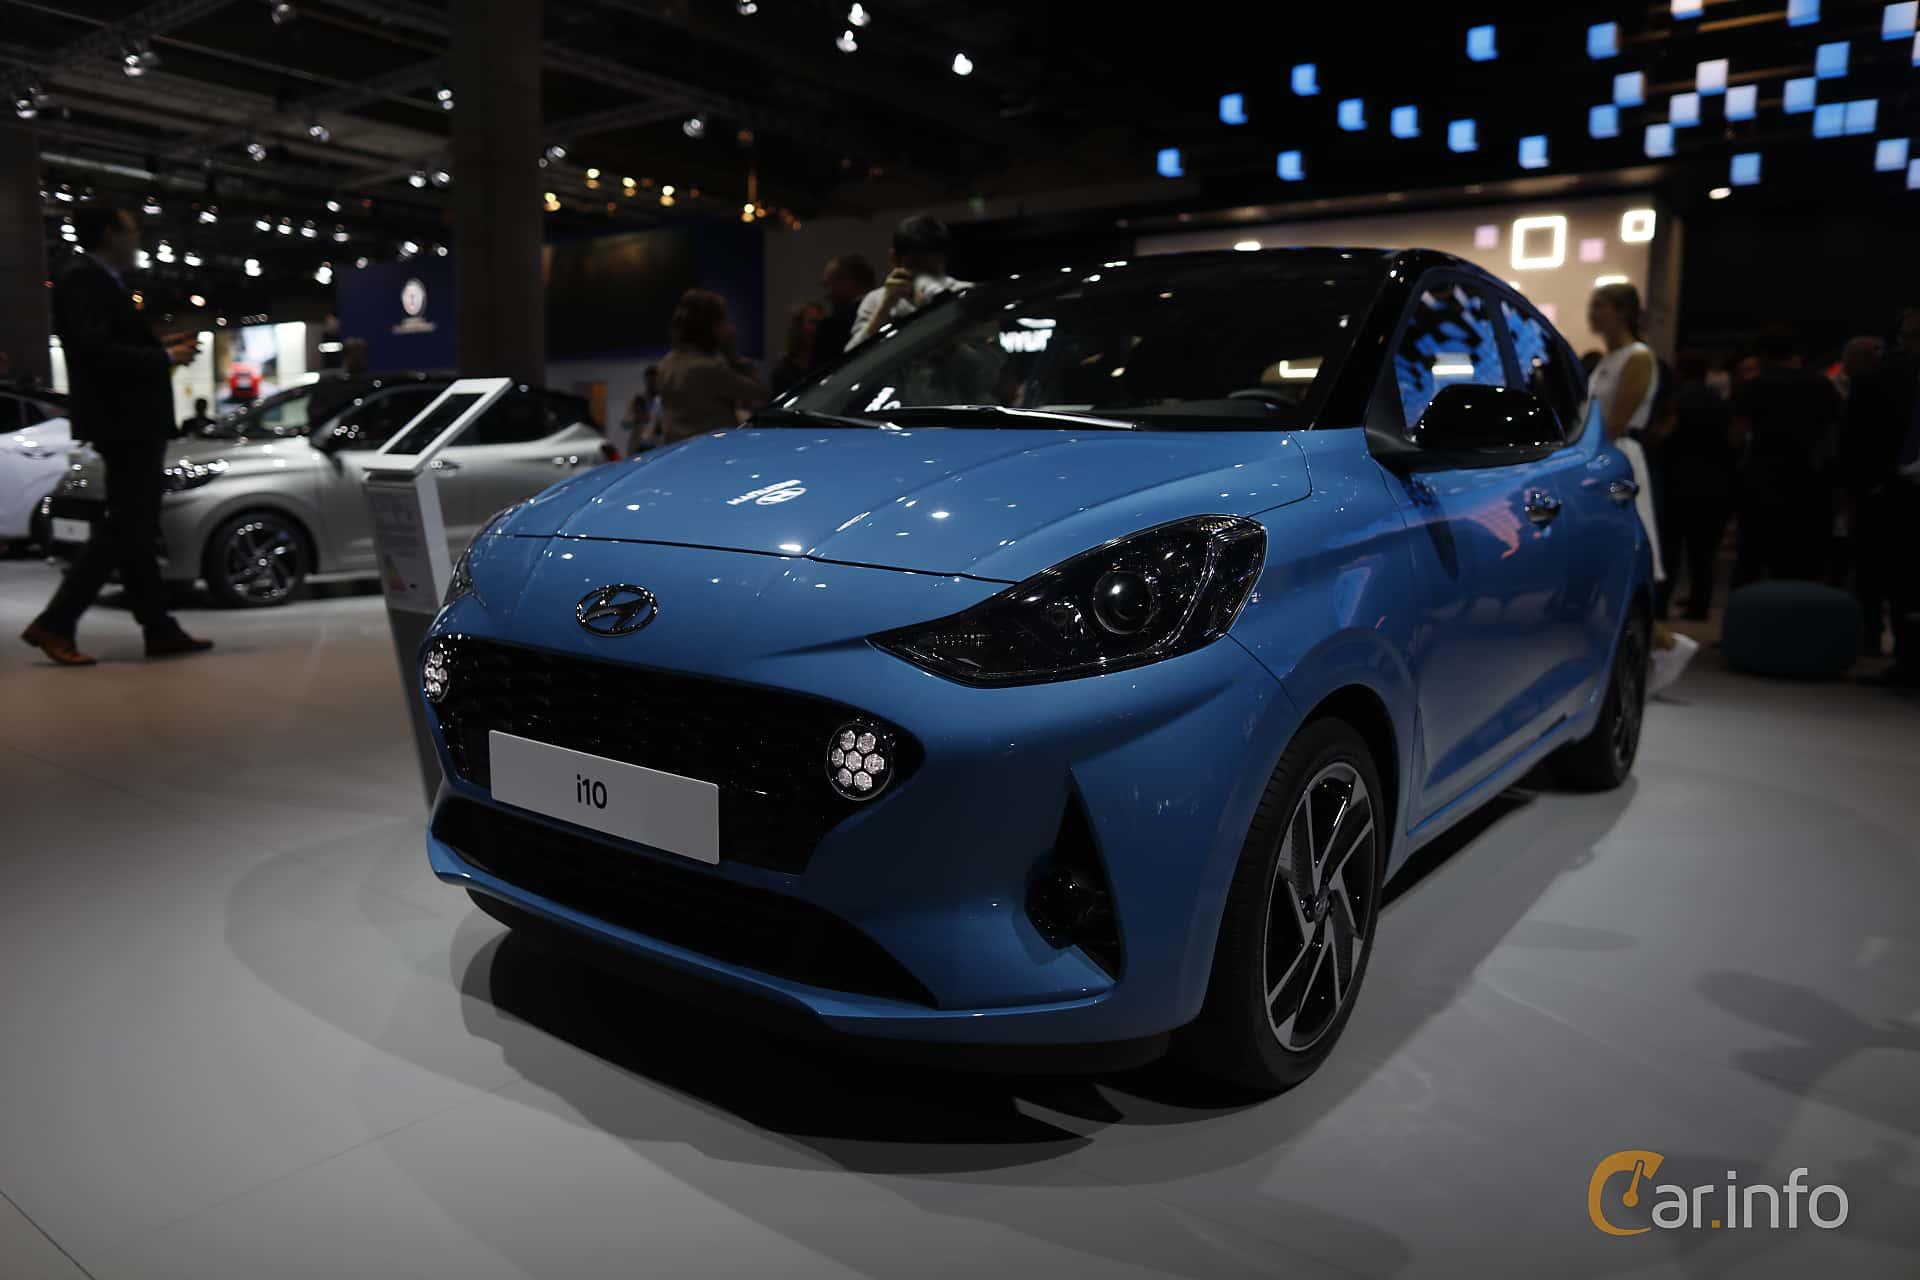 Hyundai i10 1.2 AMT, 84hp, 2020 at IAA 2019